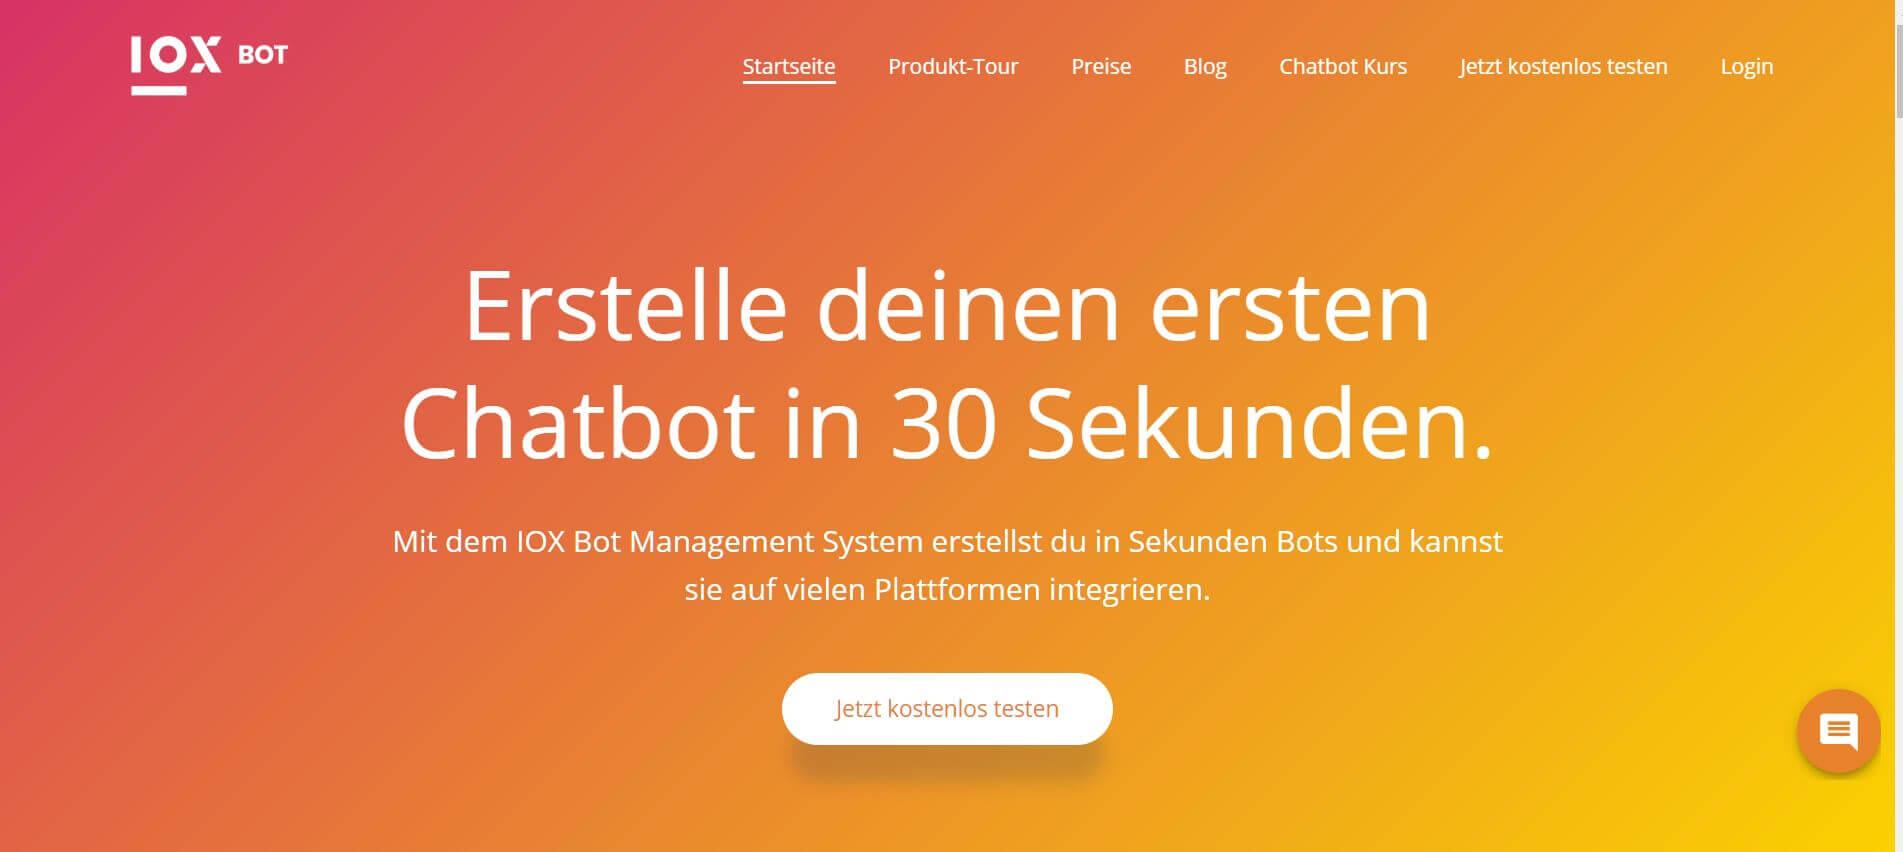 Chatbot erstellen IOX